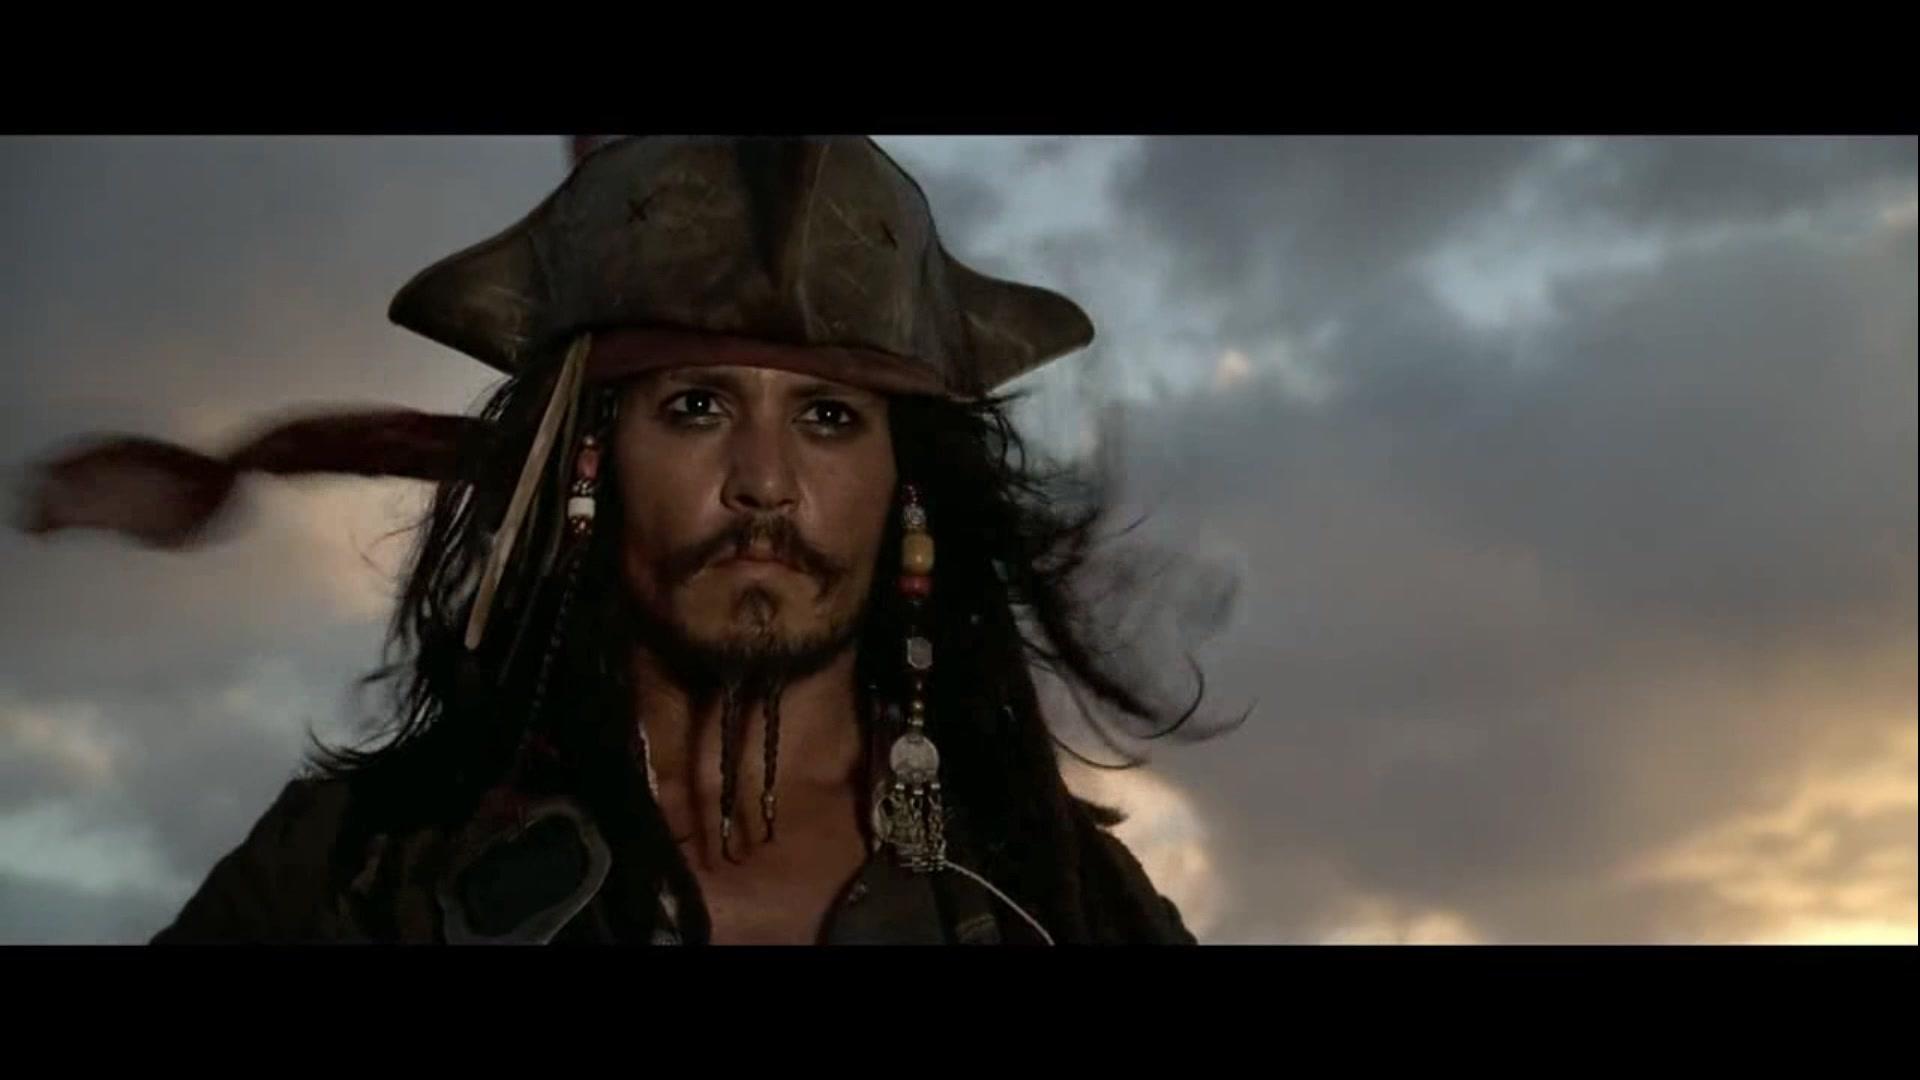 海盗最喜欢加勒比乳房这个系列的个人了,于是做了一到三部电影混剪.电影院摸片段图片